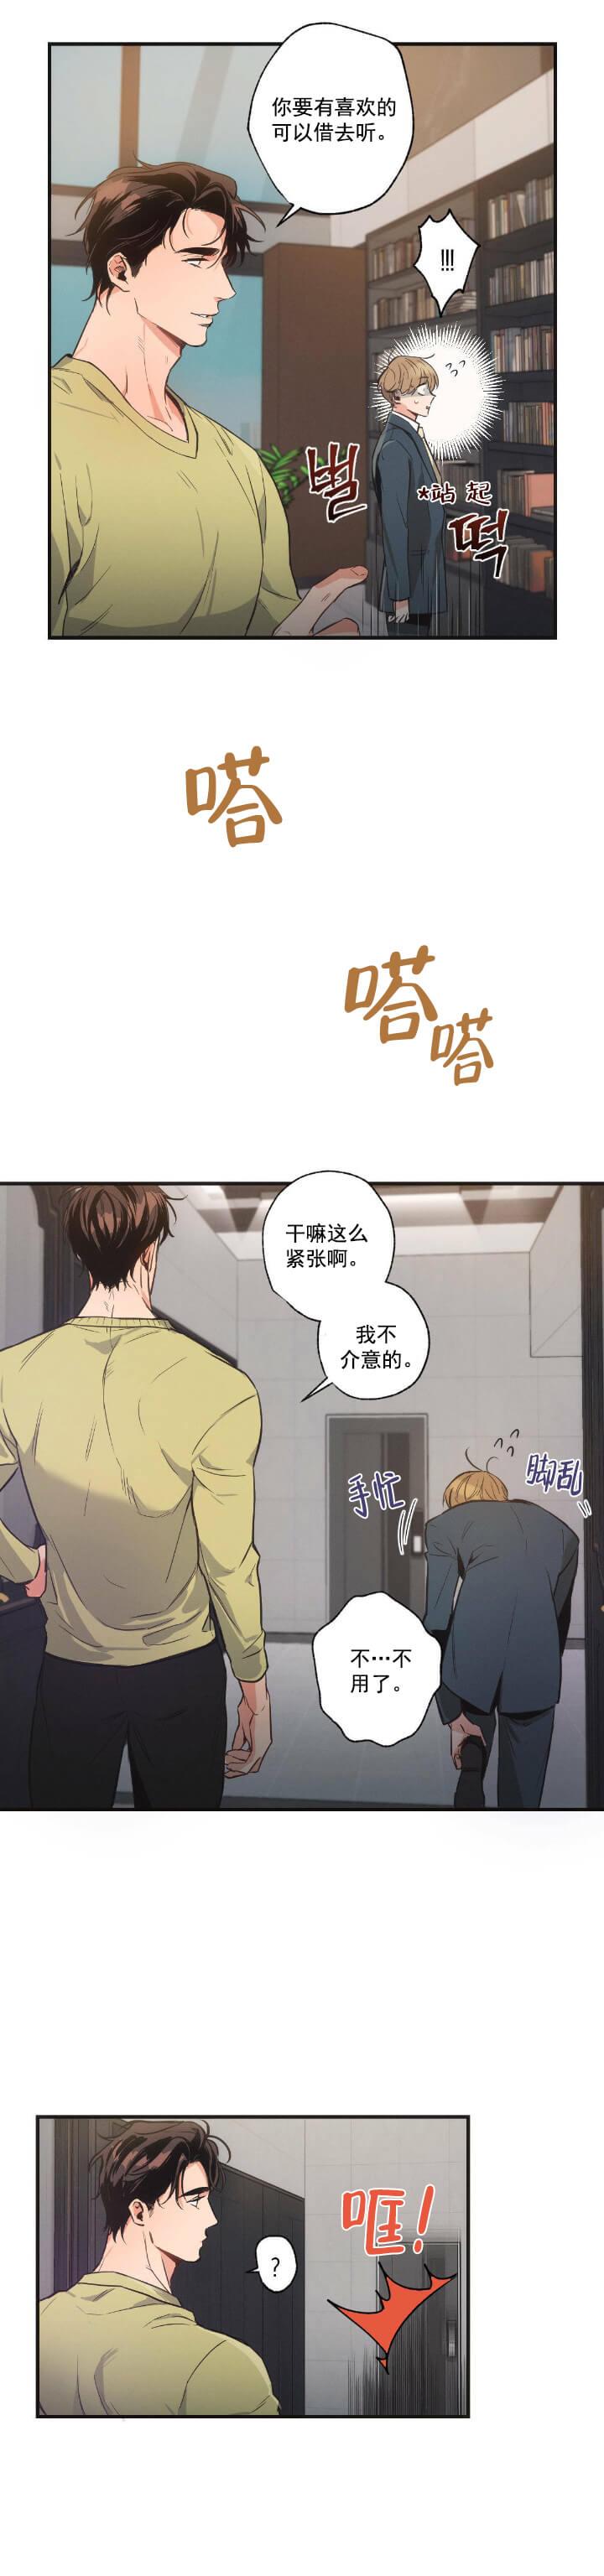 韩漫 |《别用有心的恋爱史》浴室play,全程不打M!  第9张